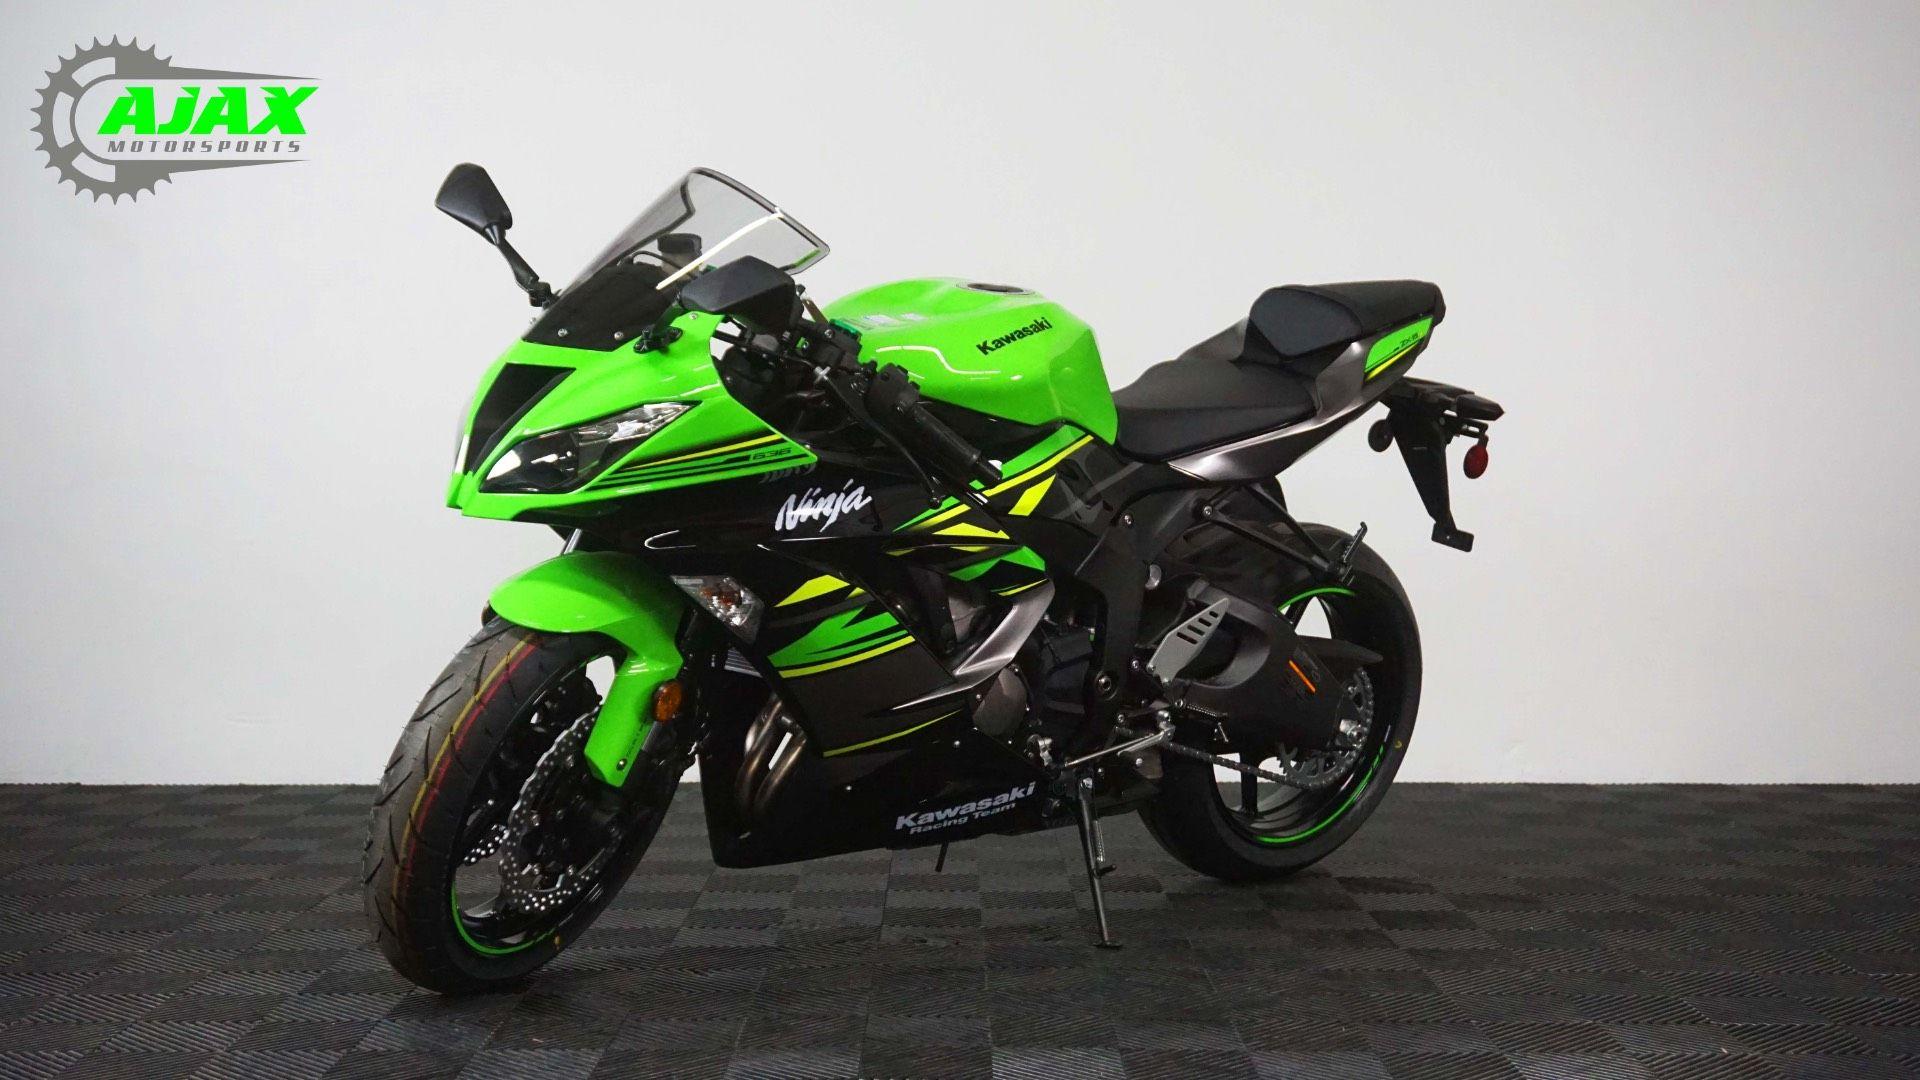 New 2018 Kawasaki NINJA ZX-6R ABS KRT EDITION Motorcycles in ...